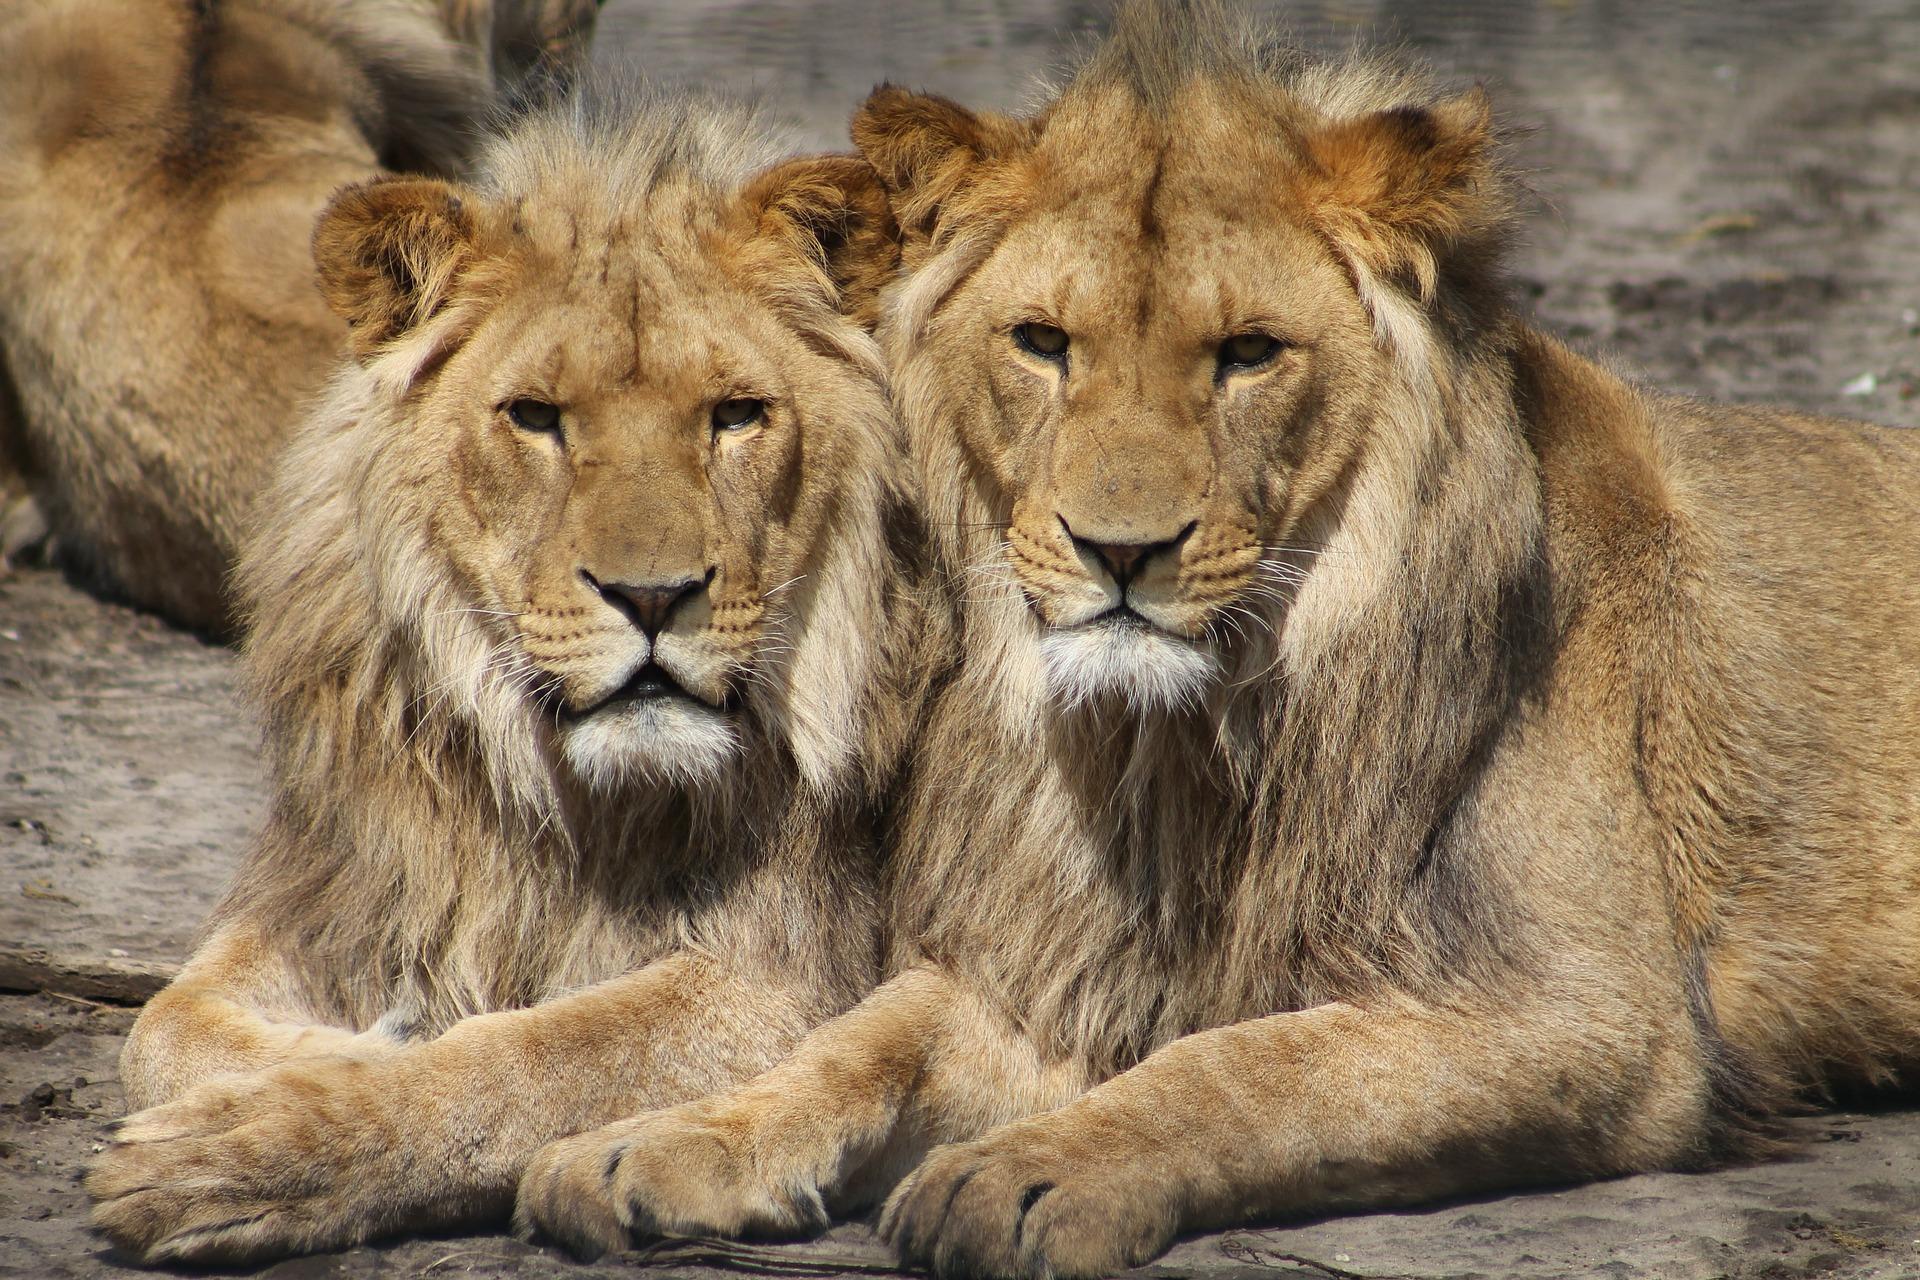 cría de leones en cautiverio